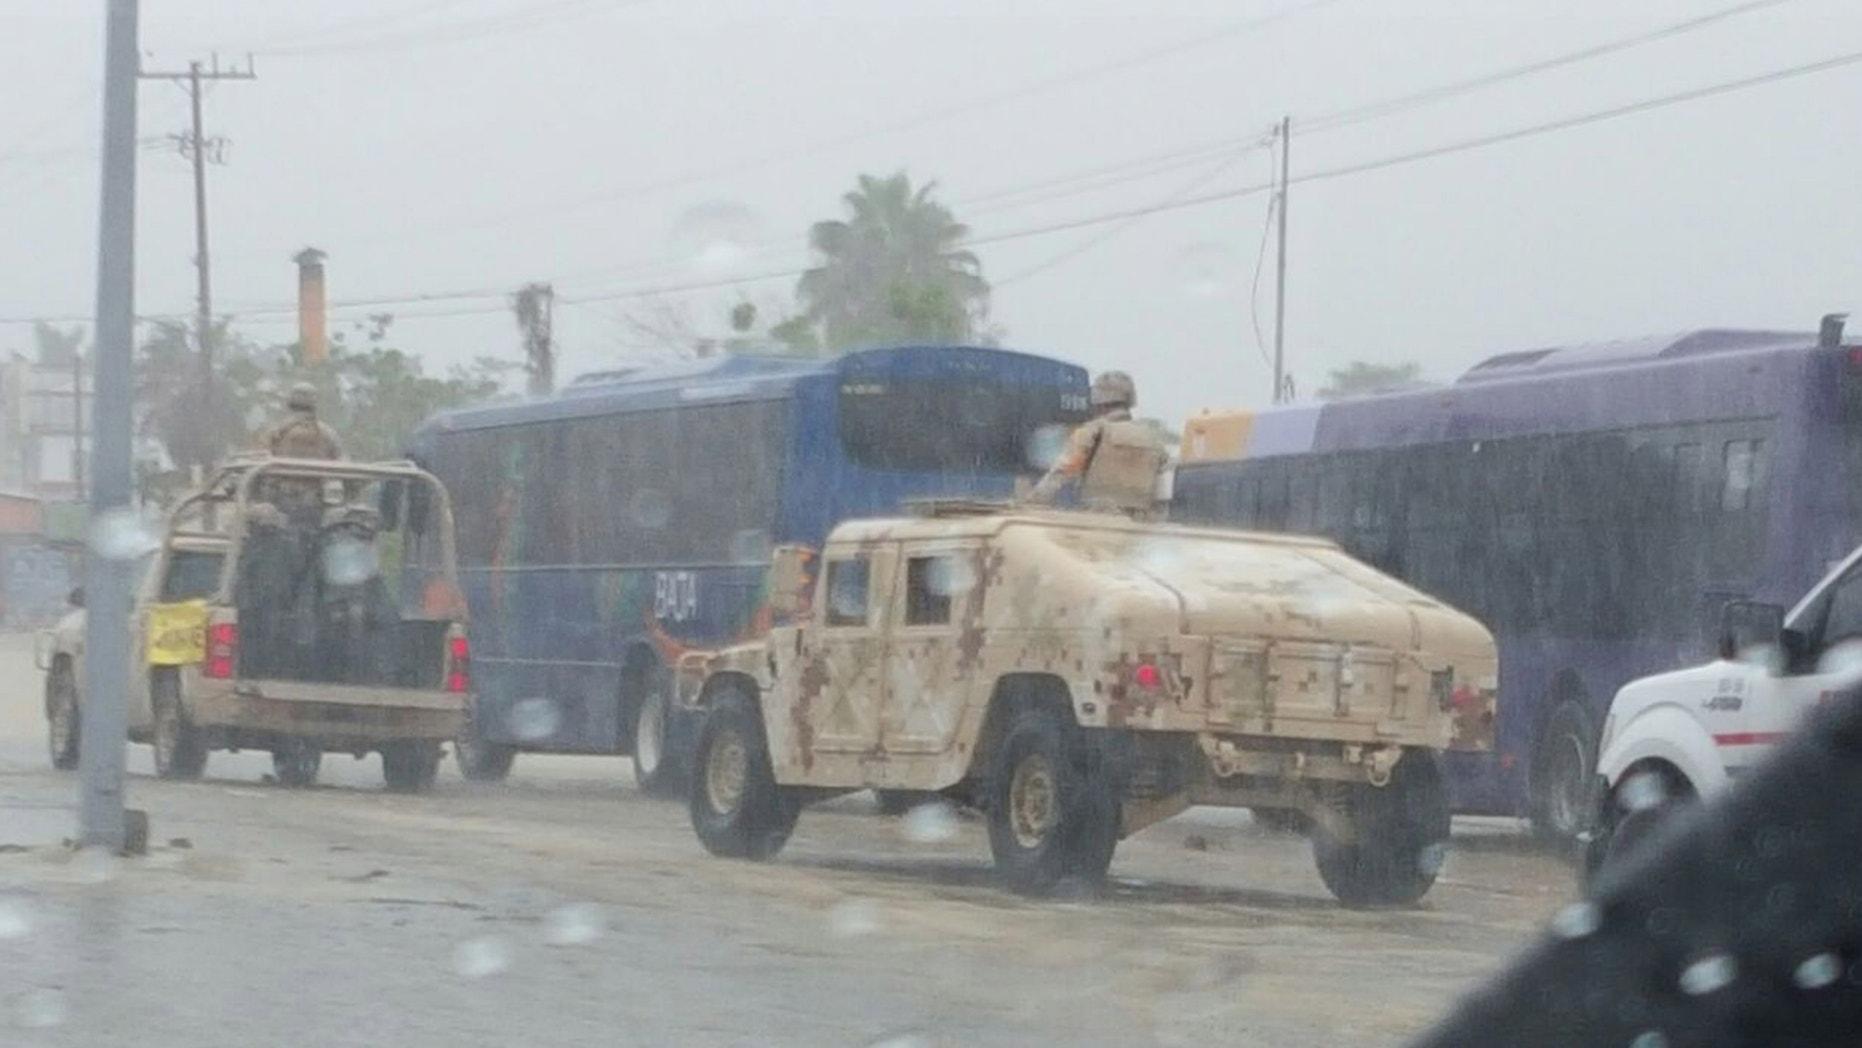 Preparations for Tropical Storm Javier in Baja California.